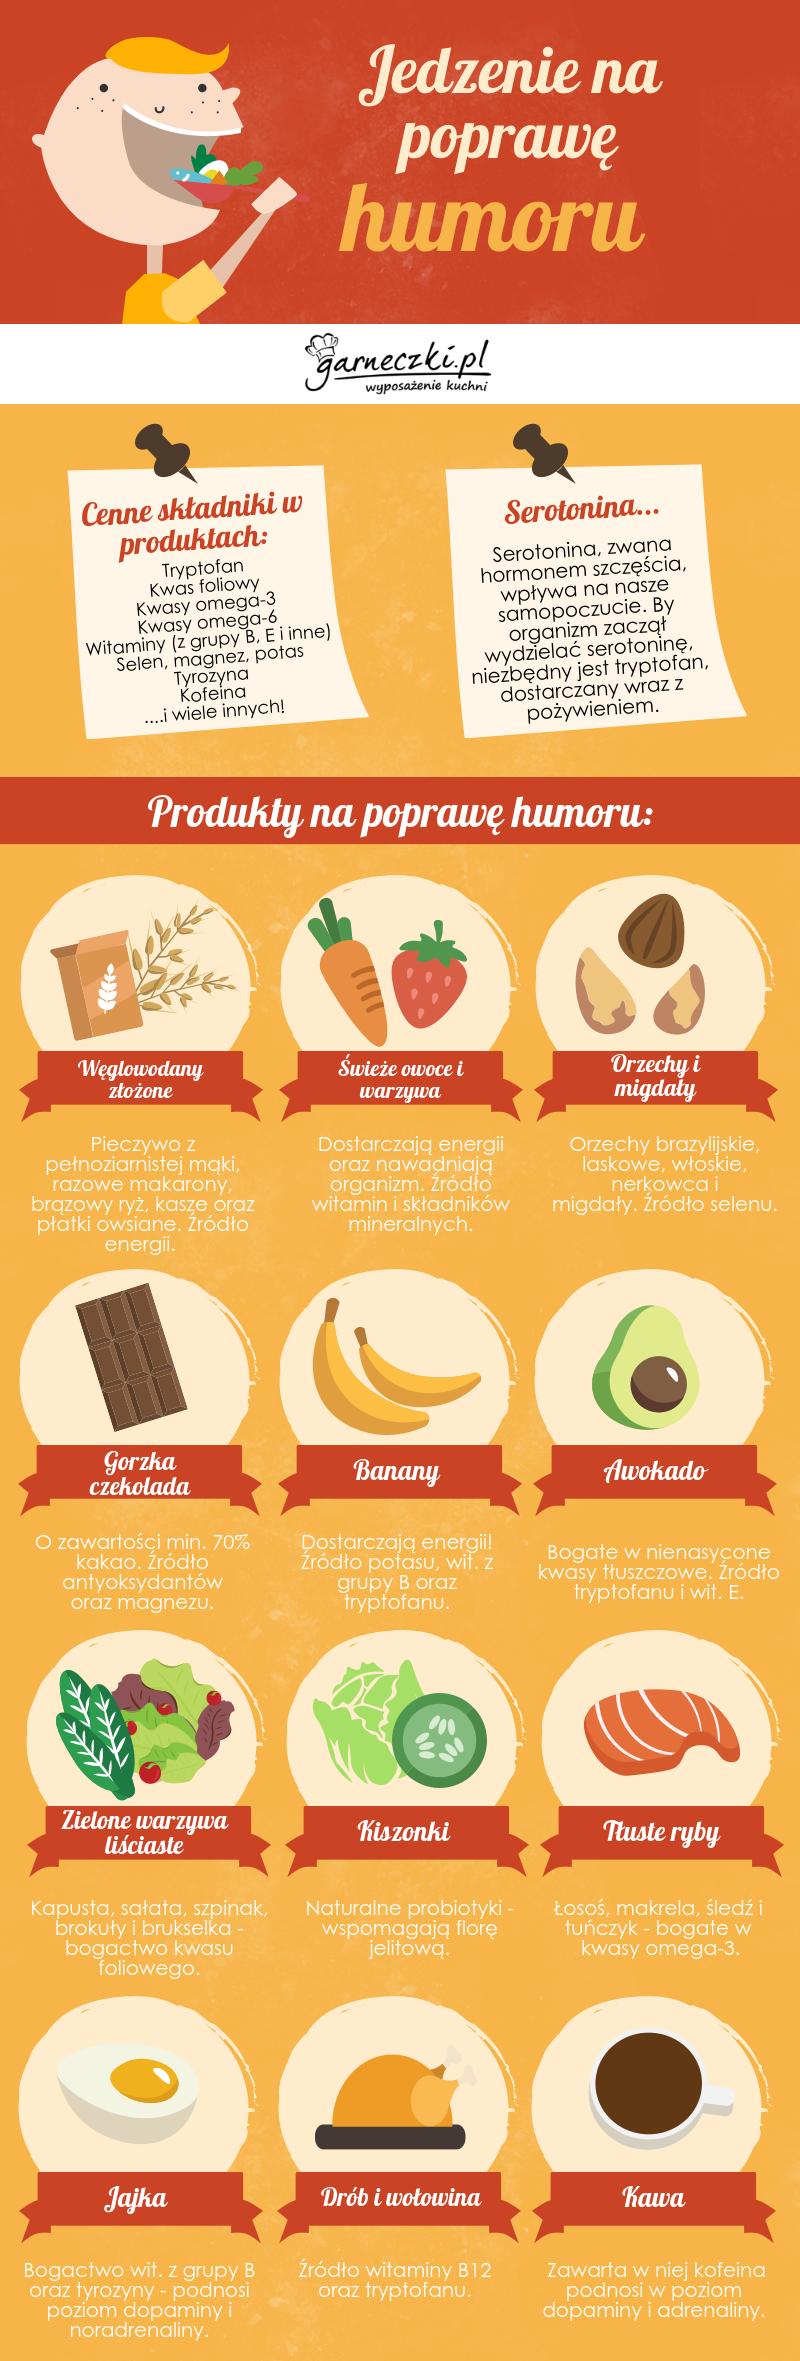 Jedzenie na poprawę humoru infografika